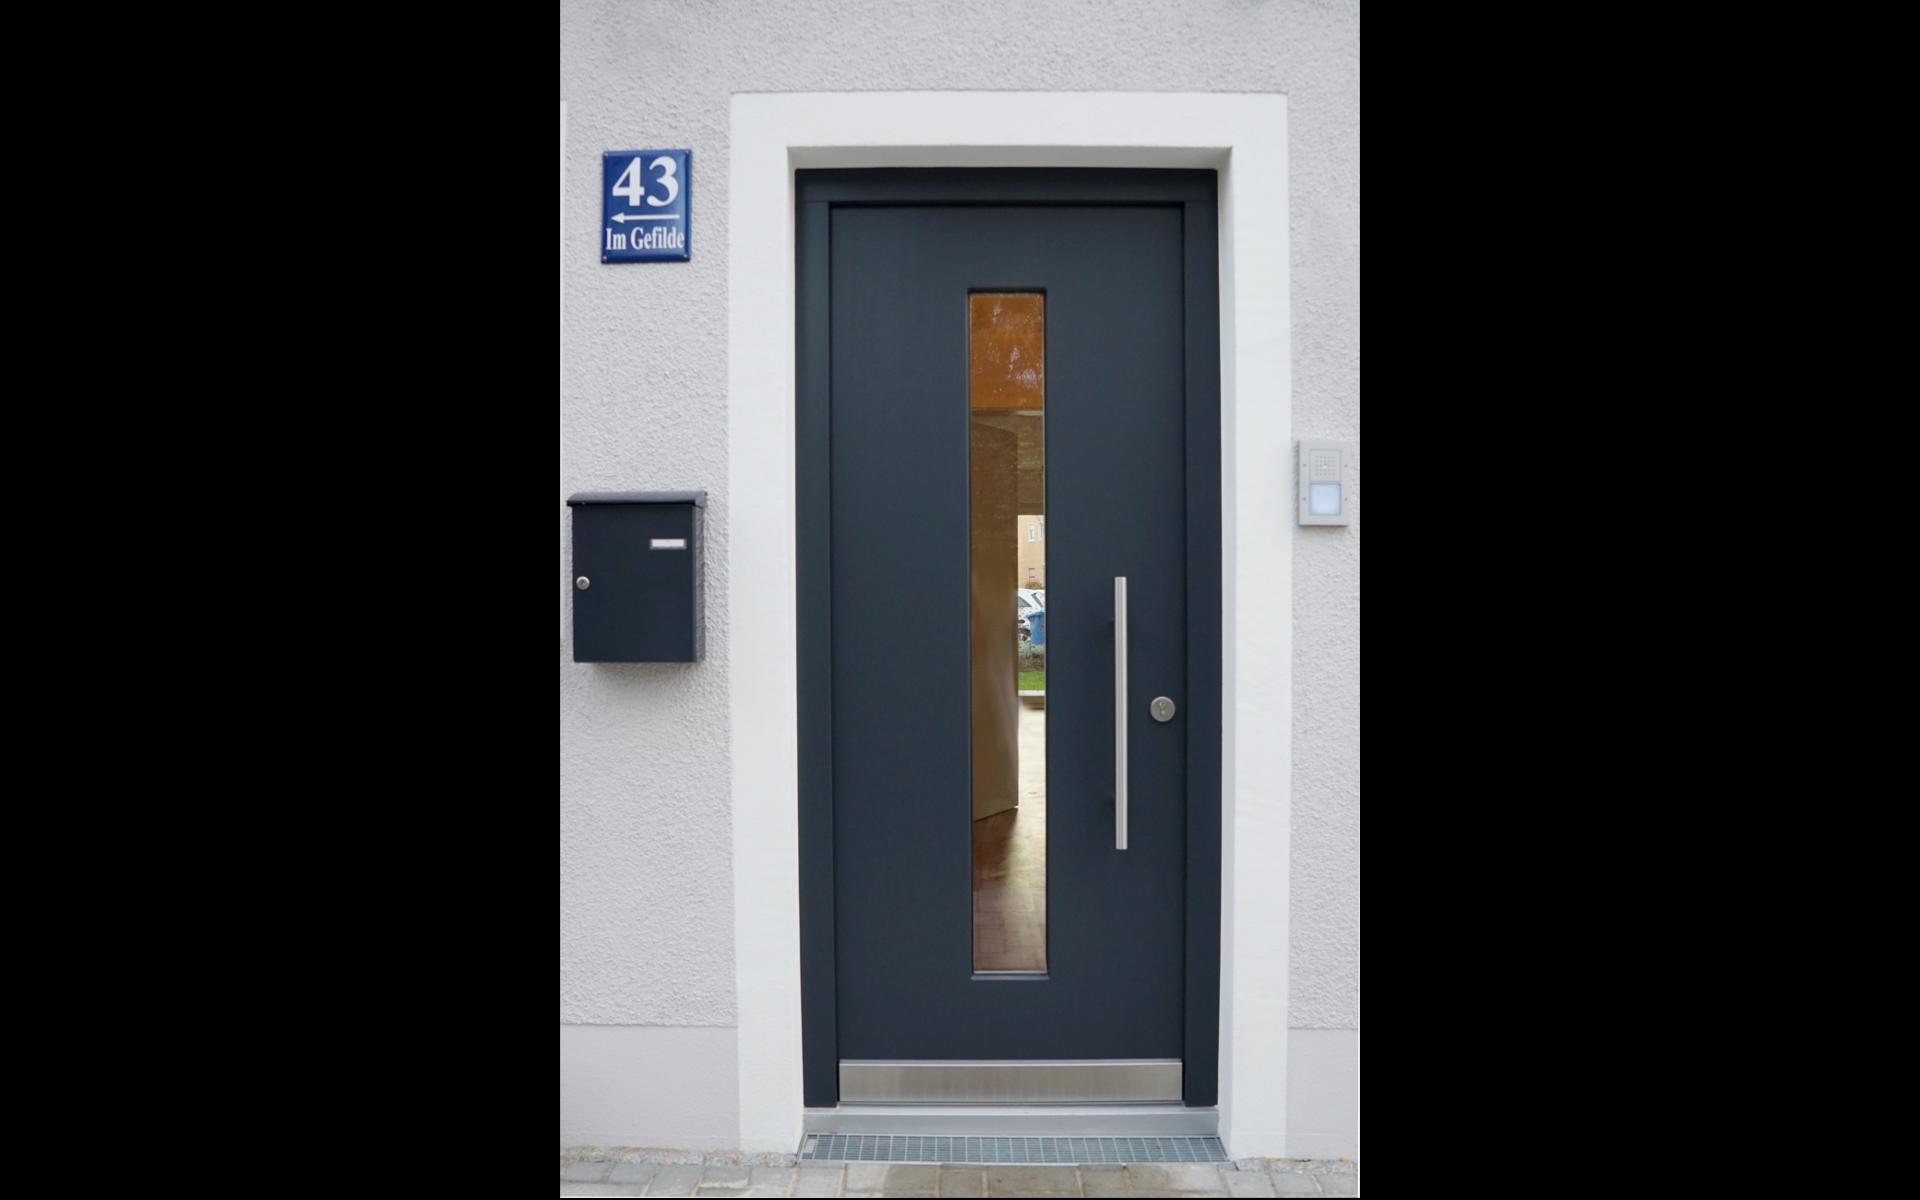 L HOMES Neubau Im Gefilde_Hauseingang_1912x1200